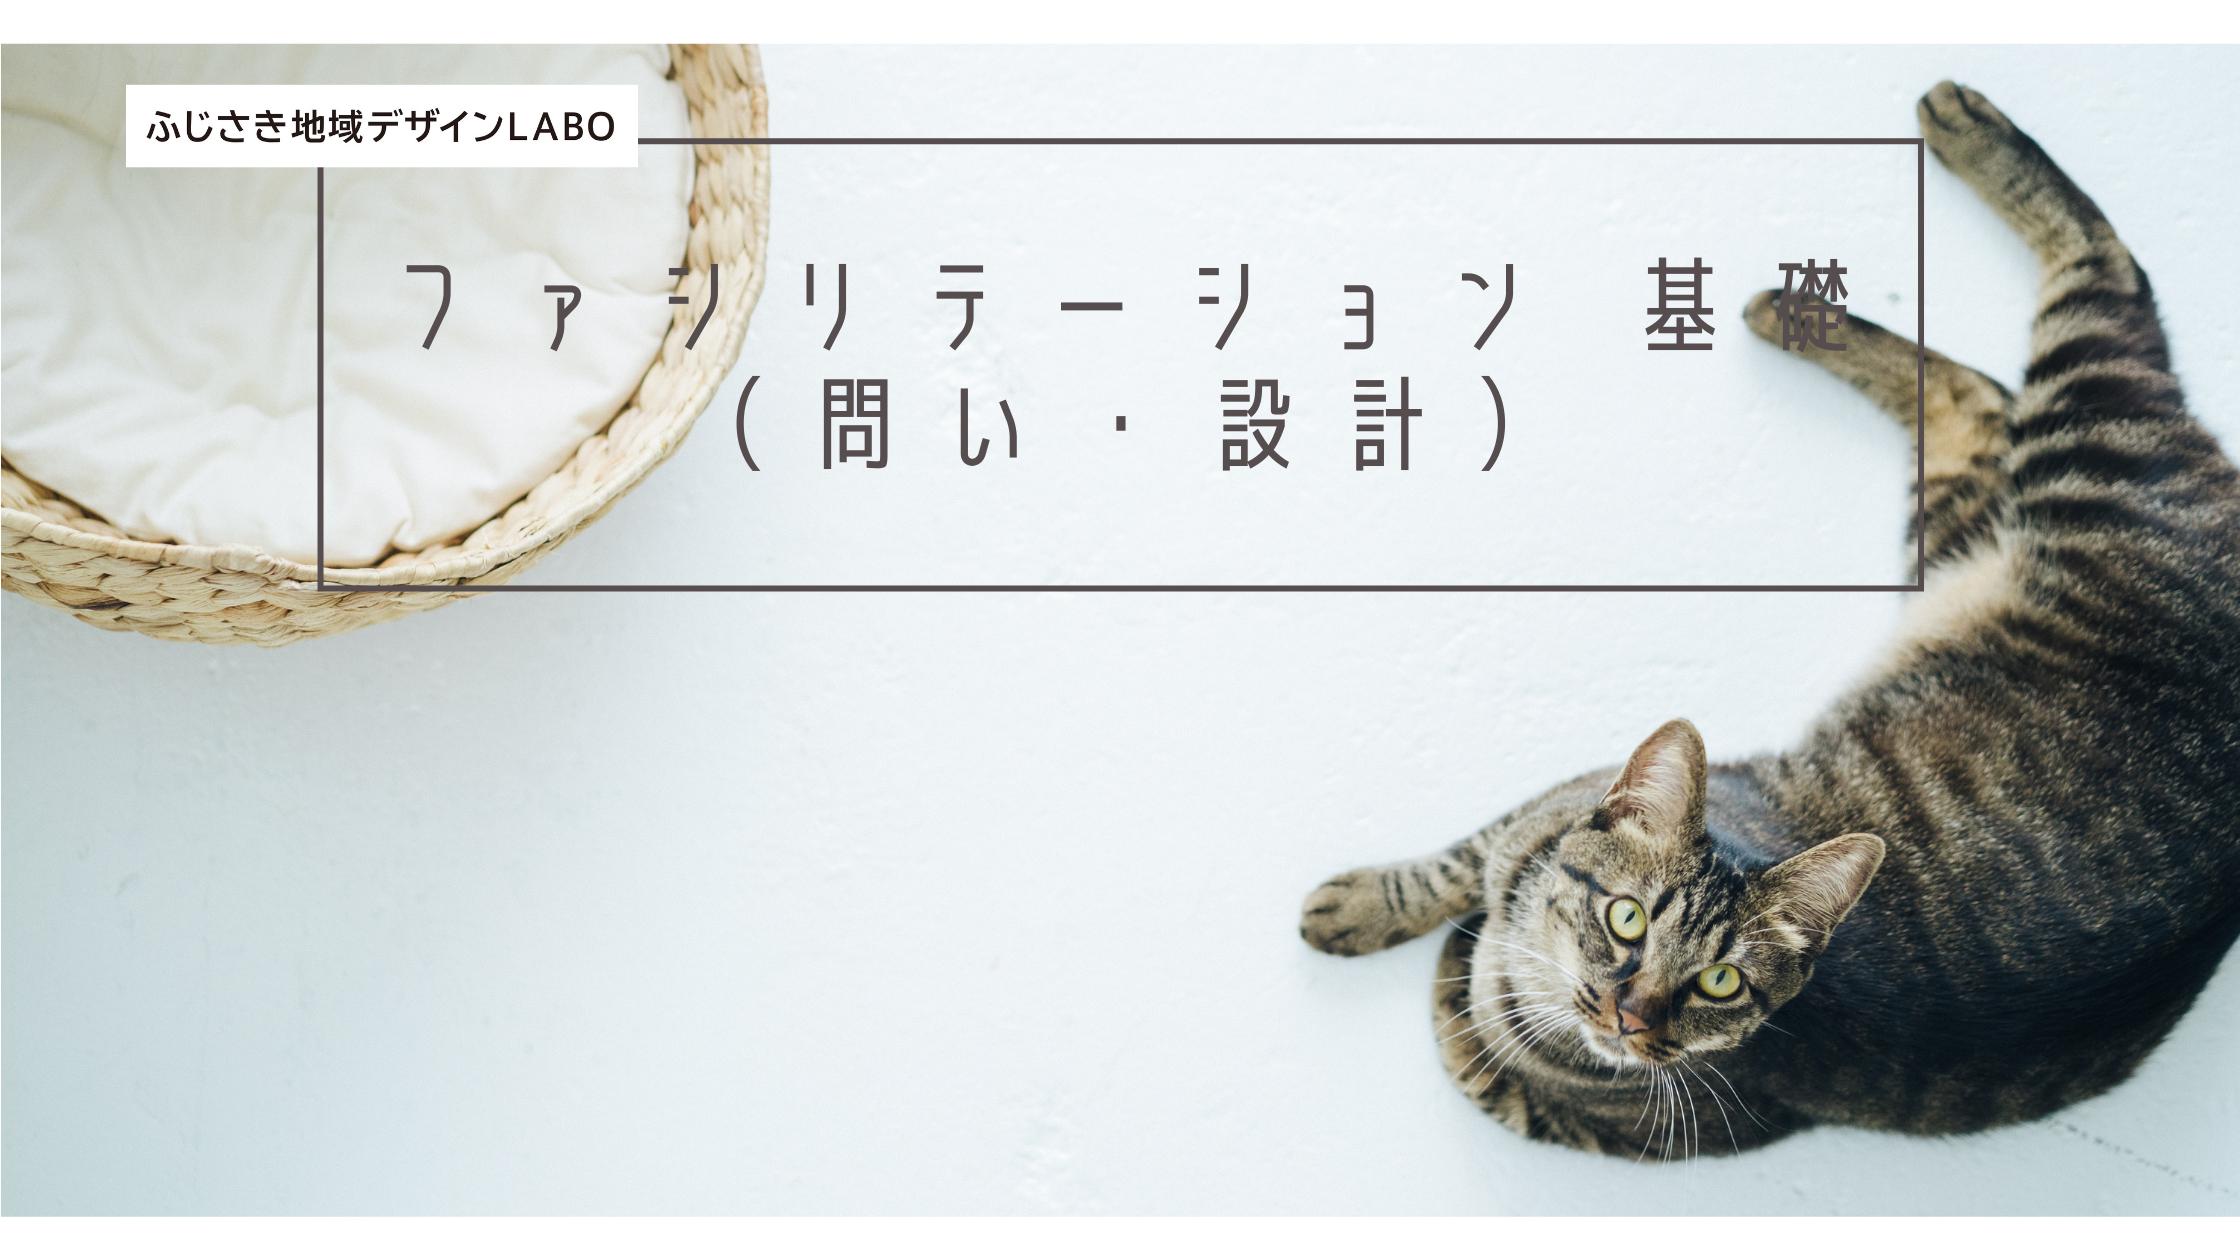 【ふじさき地域デザインLABOプロデューサー育成】ファシリテーション 基礎(問い・設計)